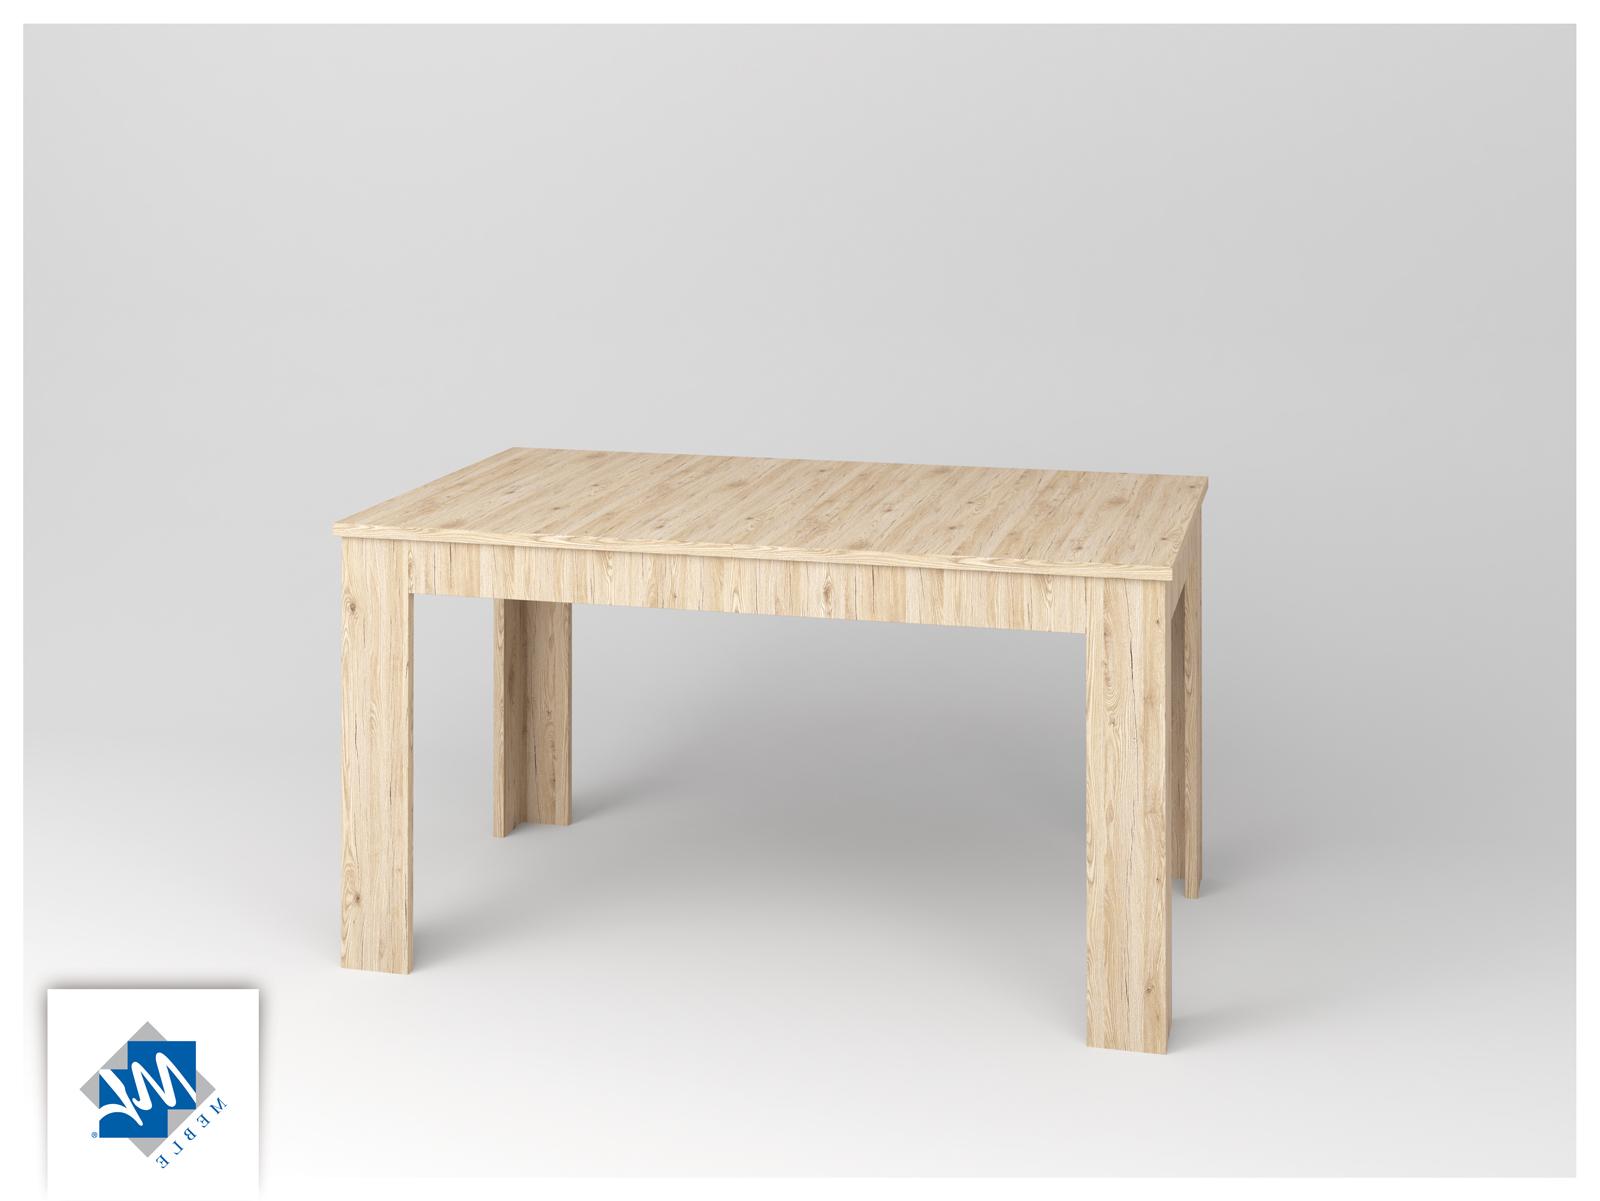 Jedálenský stôl - ML Nábytok - Modern - ST 140-01 (pre 6 až 8 osôb). Sme autorizovaný predajca ML Nábytok. Vlastná spoľahlivá doprava až k Vám domov.